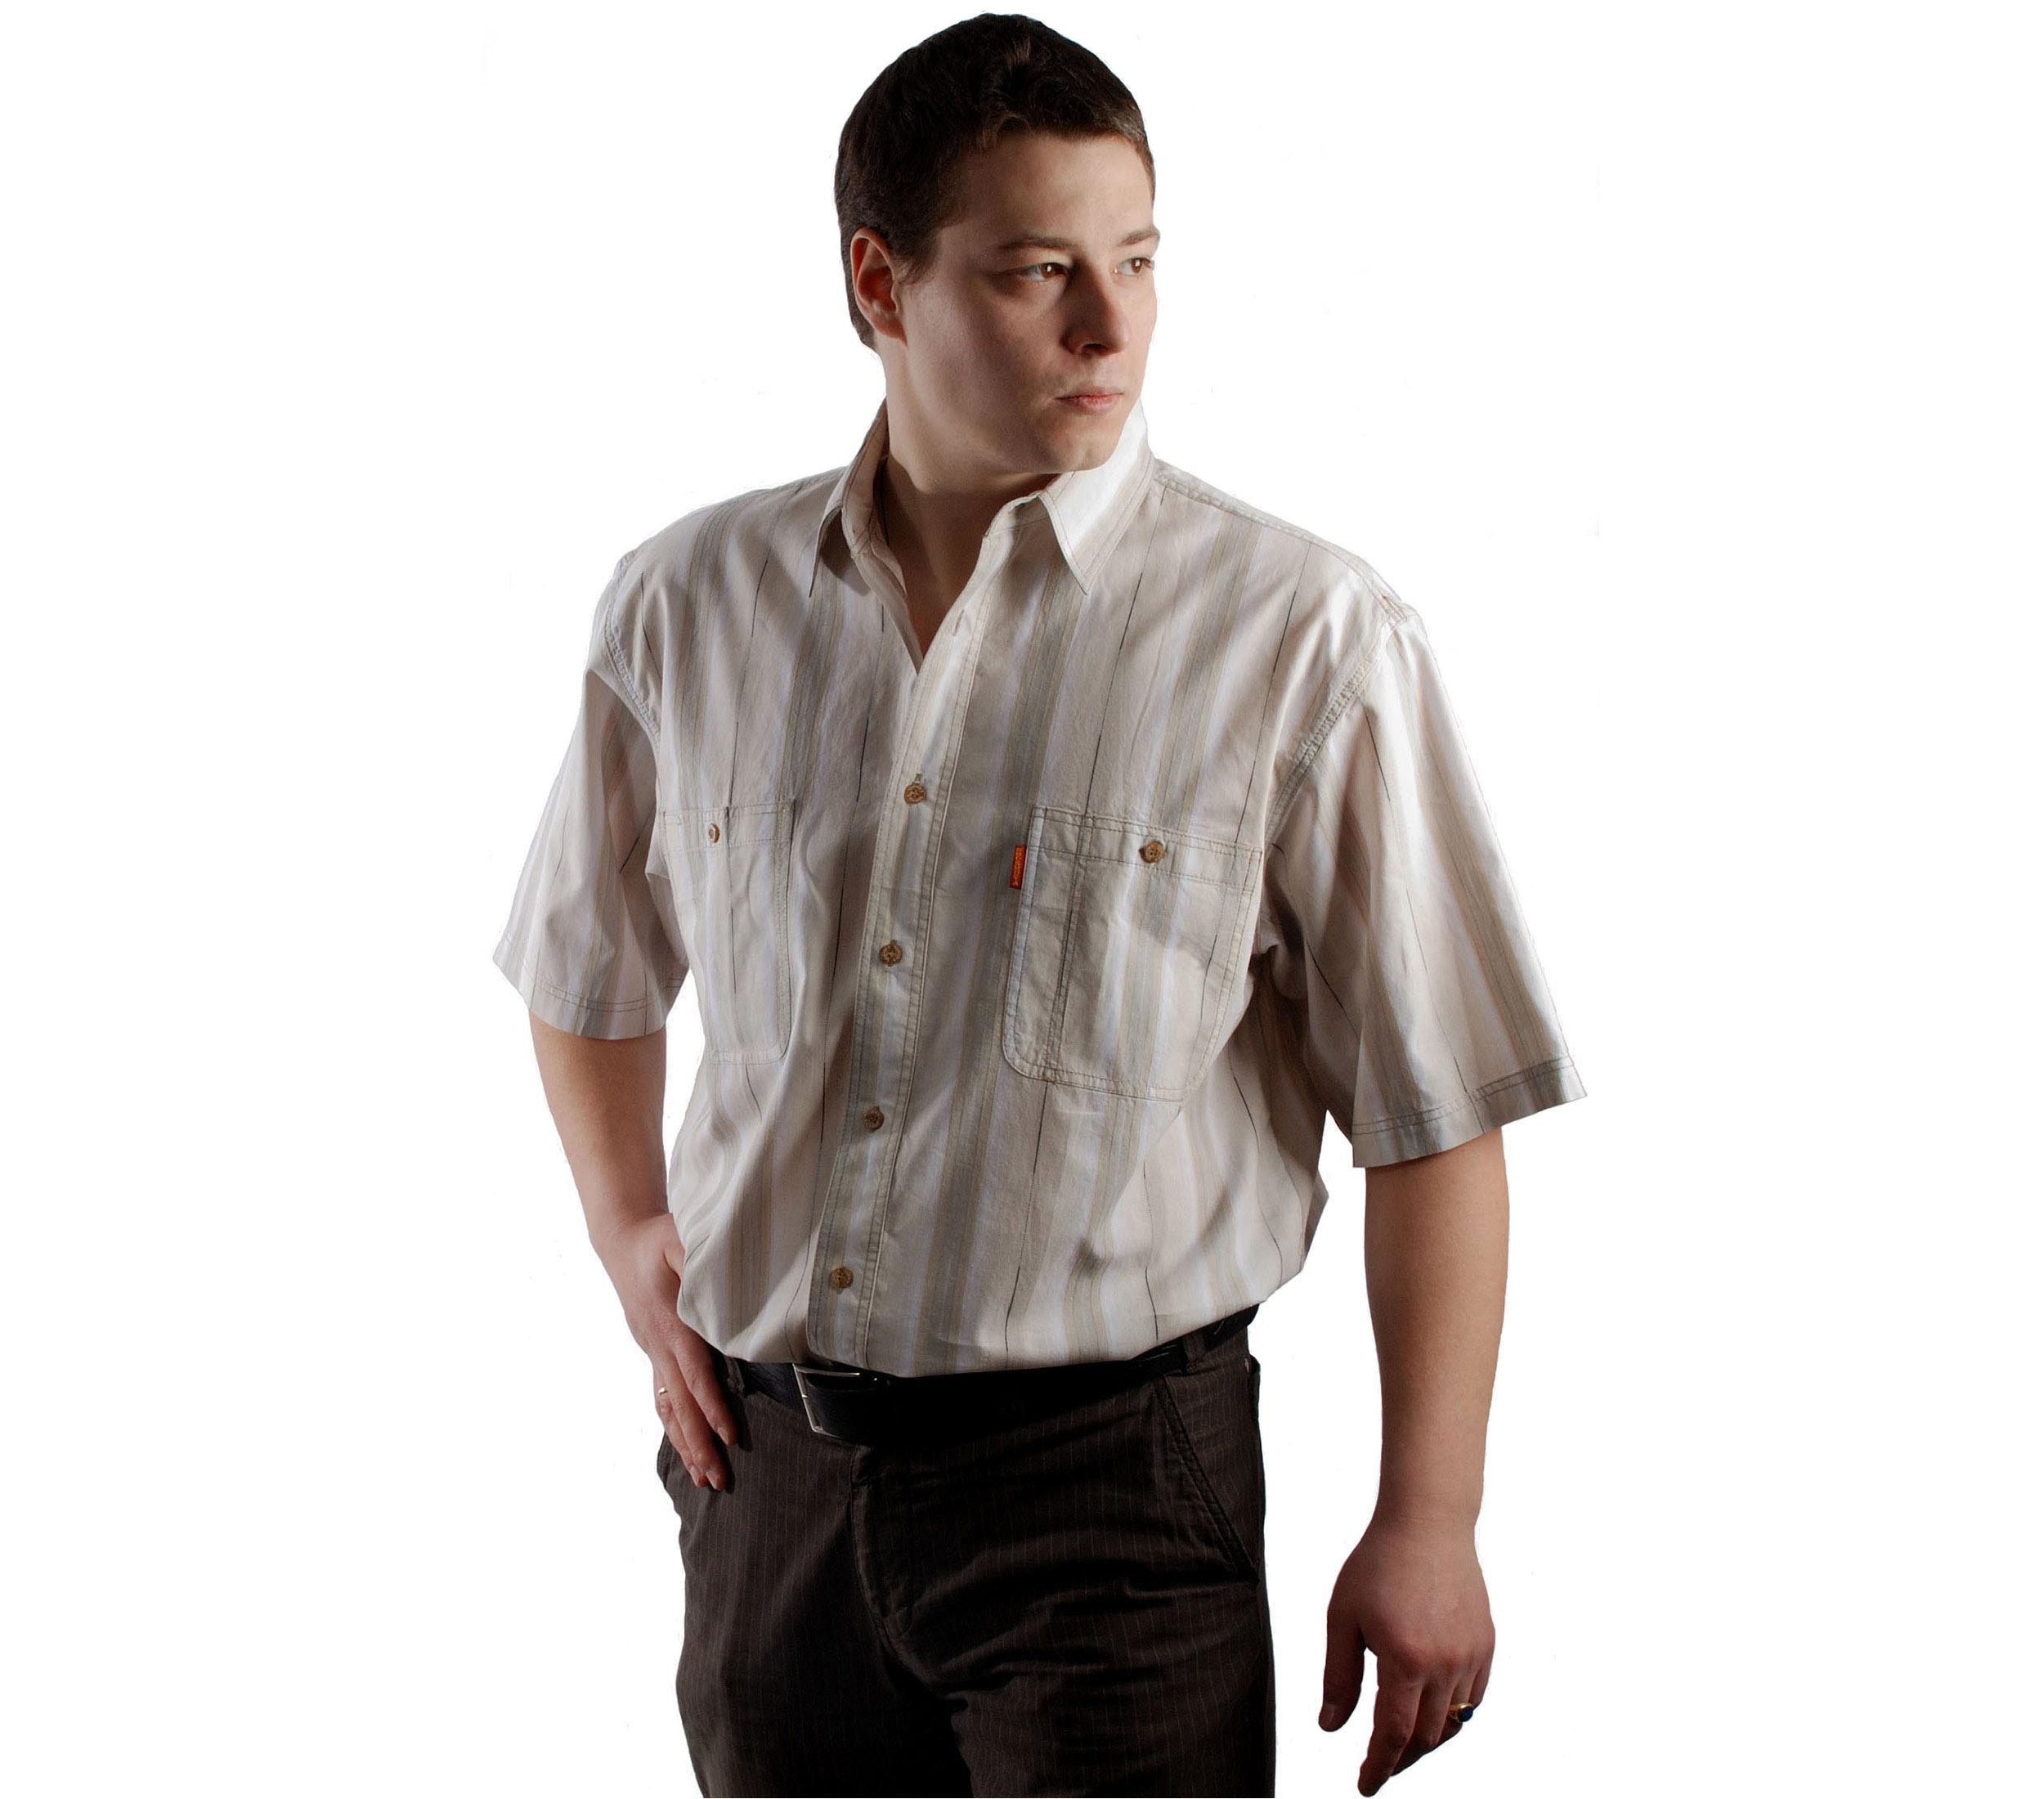 Мужская рубашка с коротким рукавом крупная светло бежерая полоса